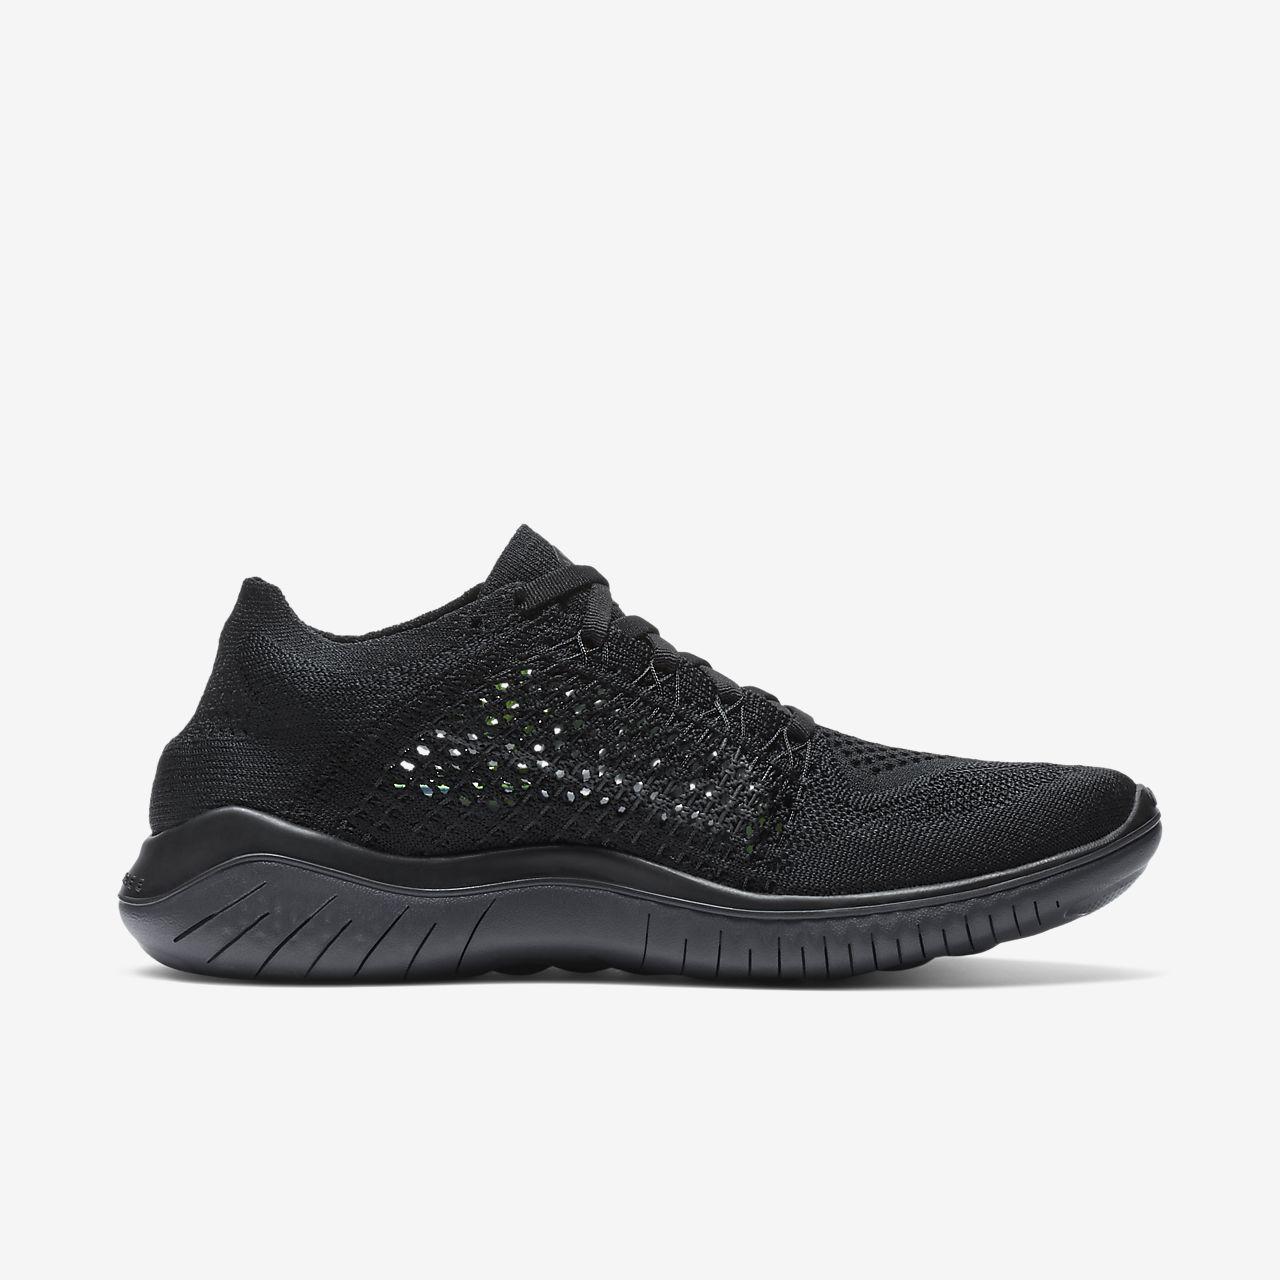 127fb98f197b Nike Free RN Flyknit 2018 Women s Running Shoe. Nike.com